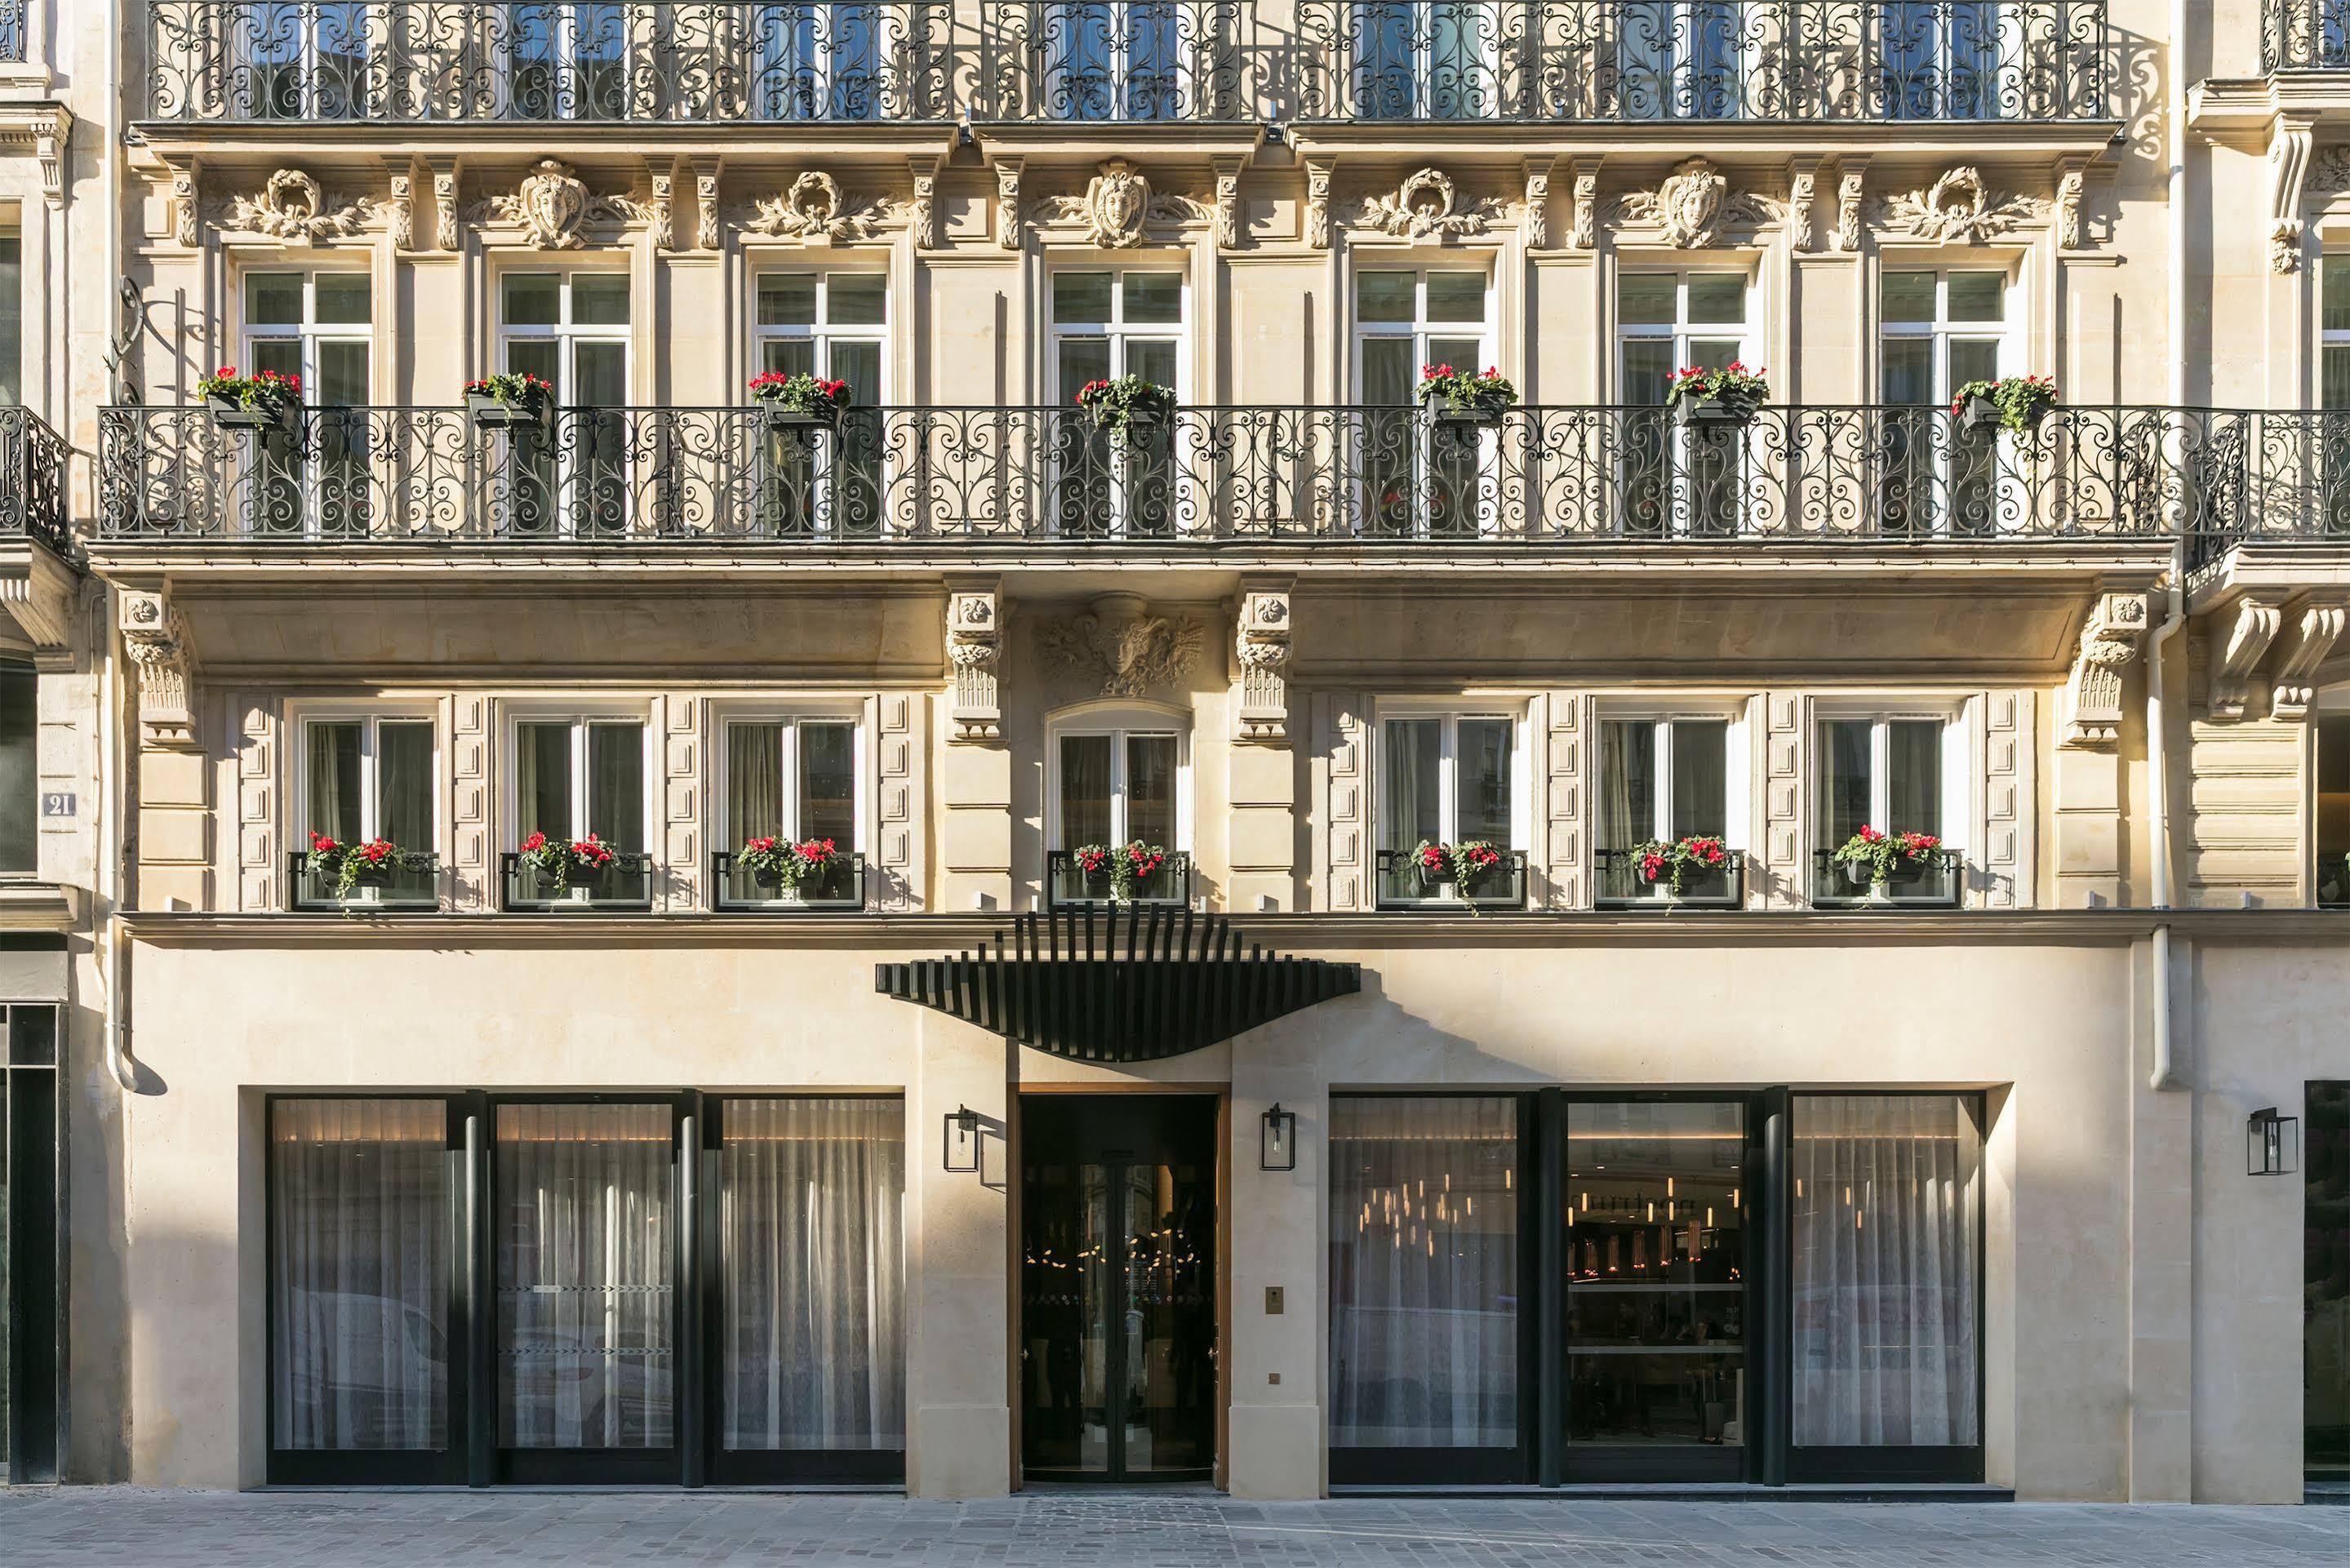 Maison Albar Paris Celine